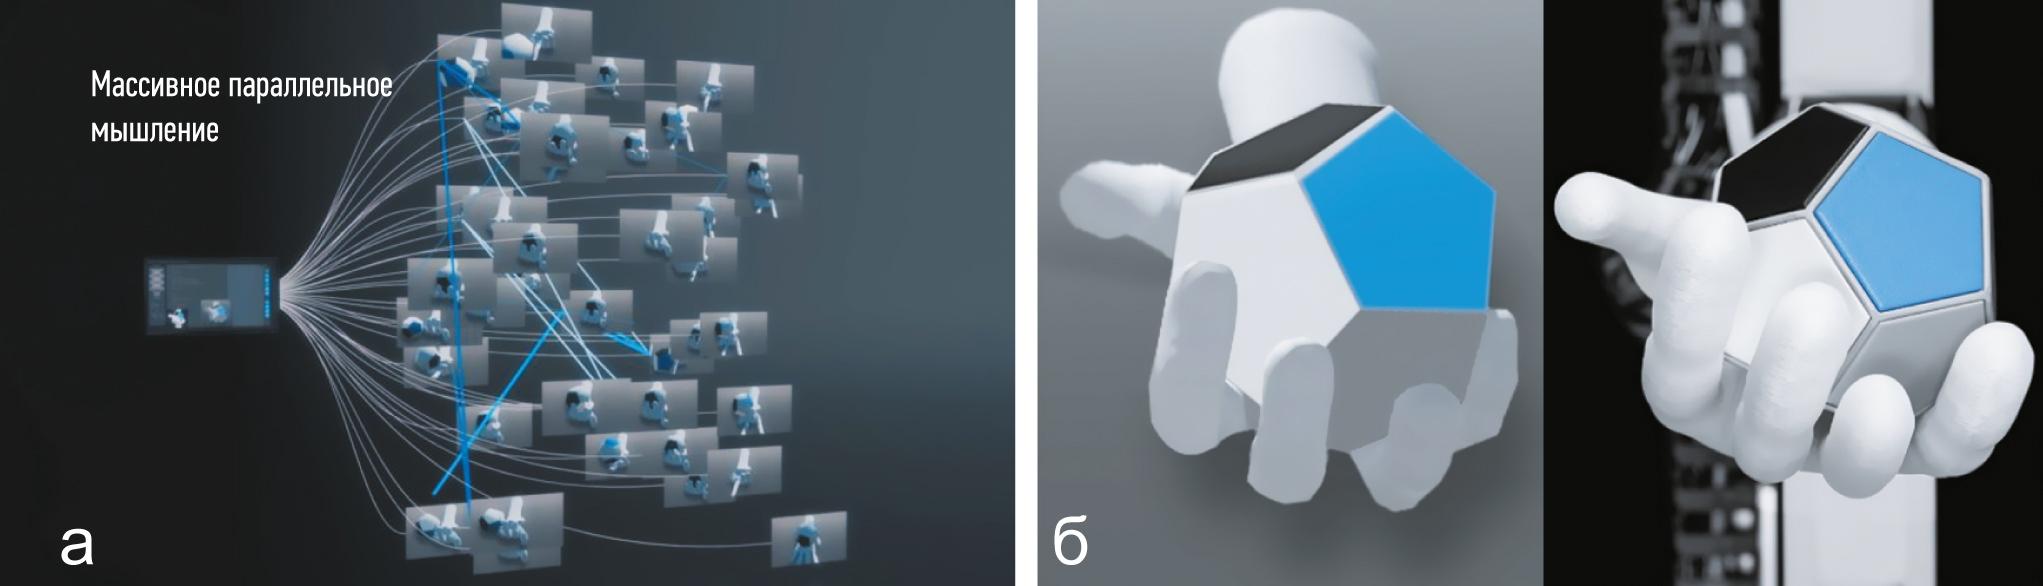 Подбор оптимального алгоритма для нужной ориентации предмета в системе принятия решения коллаборативным роботом компании Festo